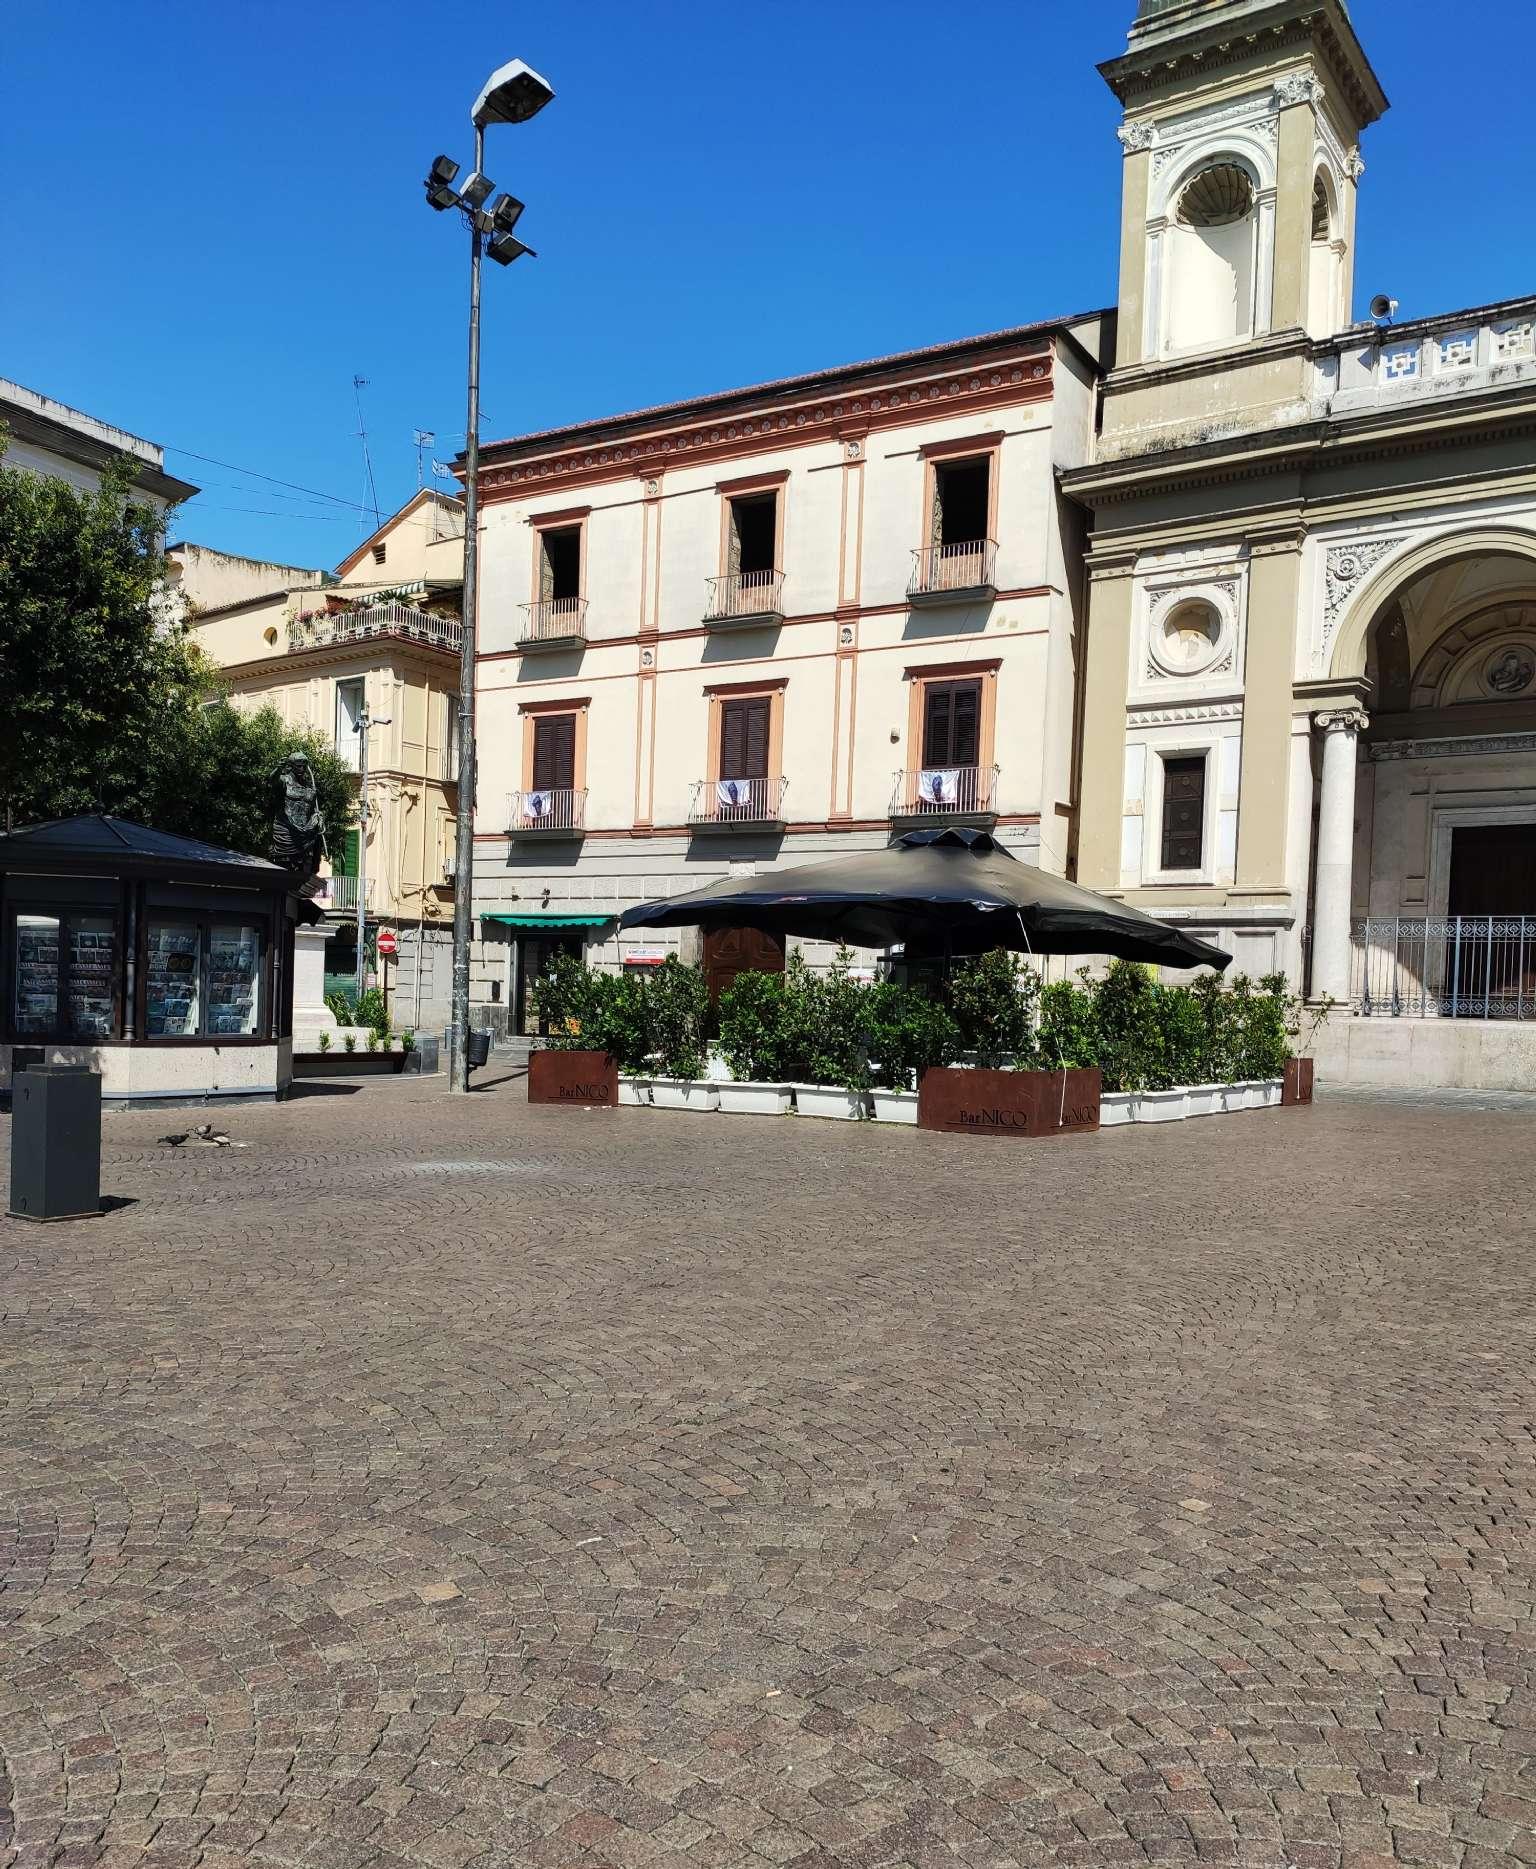 Attico / Mansarda in vendita a Nola, 12 locali, Trattative riservate | PortaleAgenzieImmobiliari.it